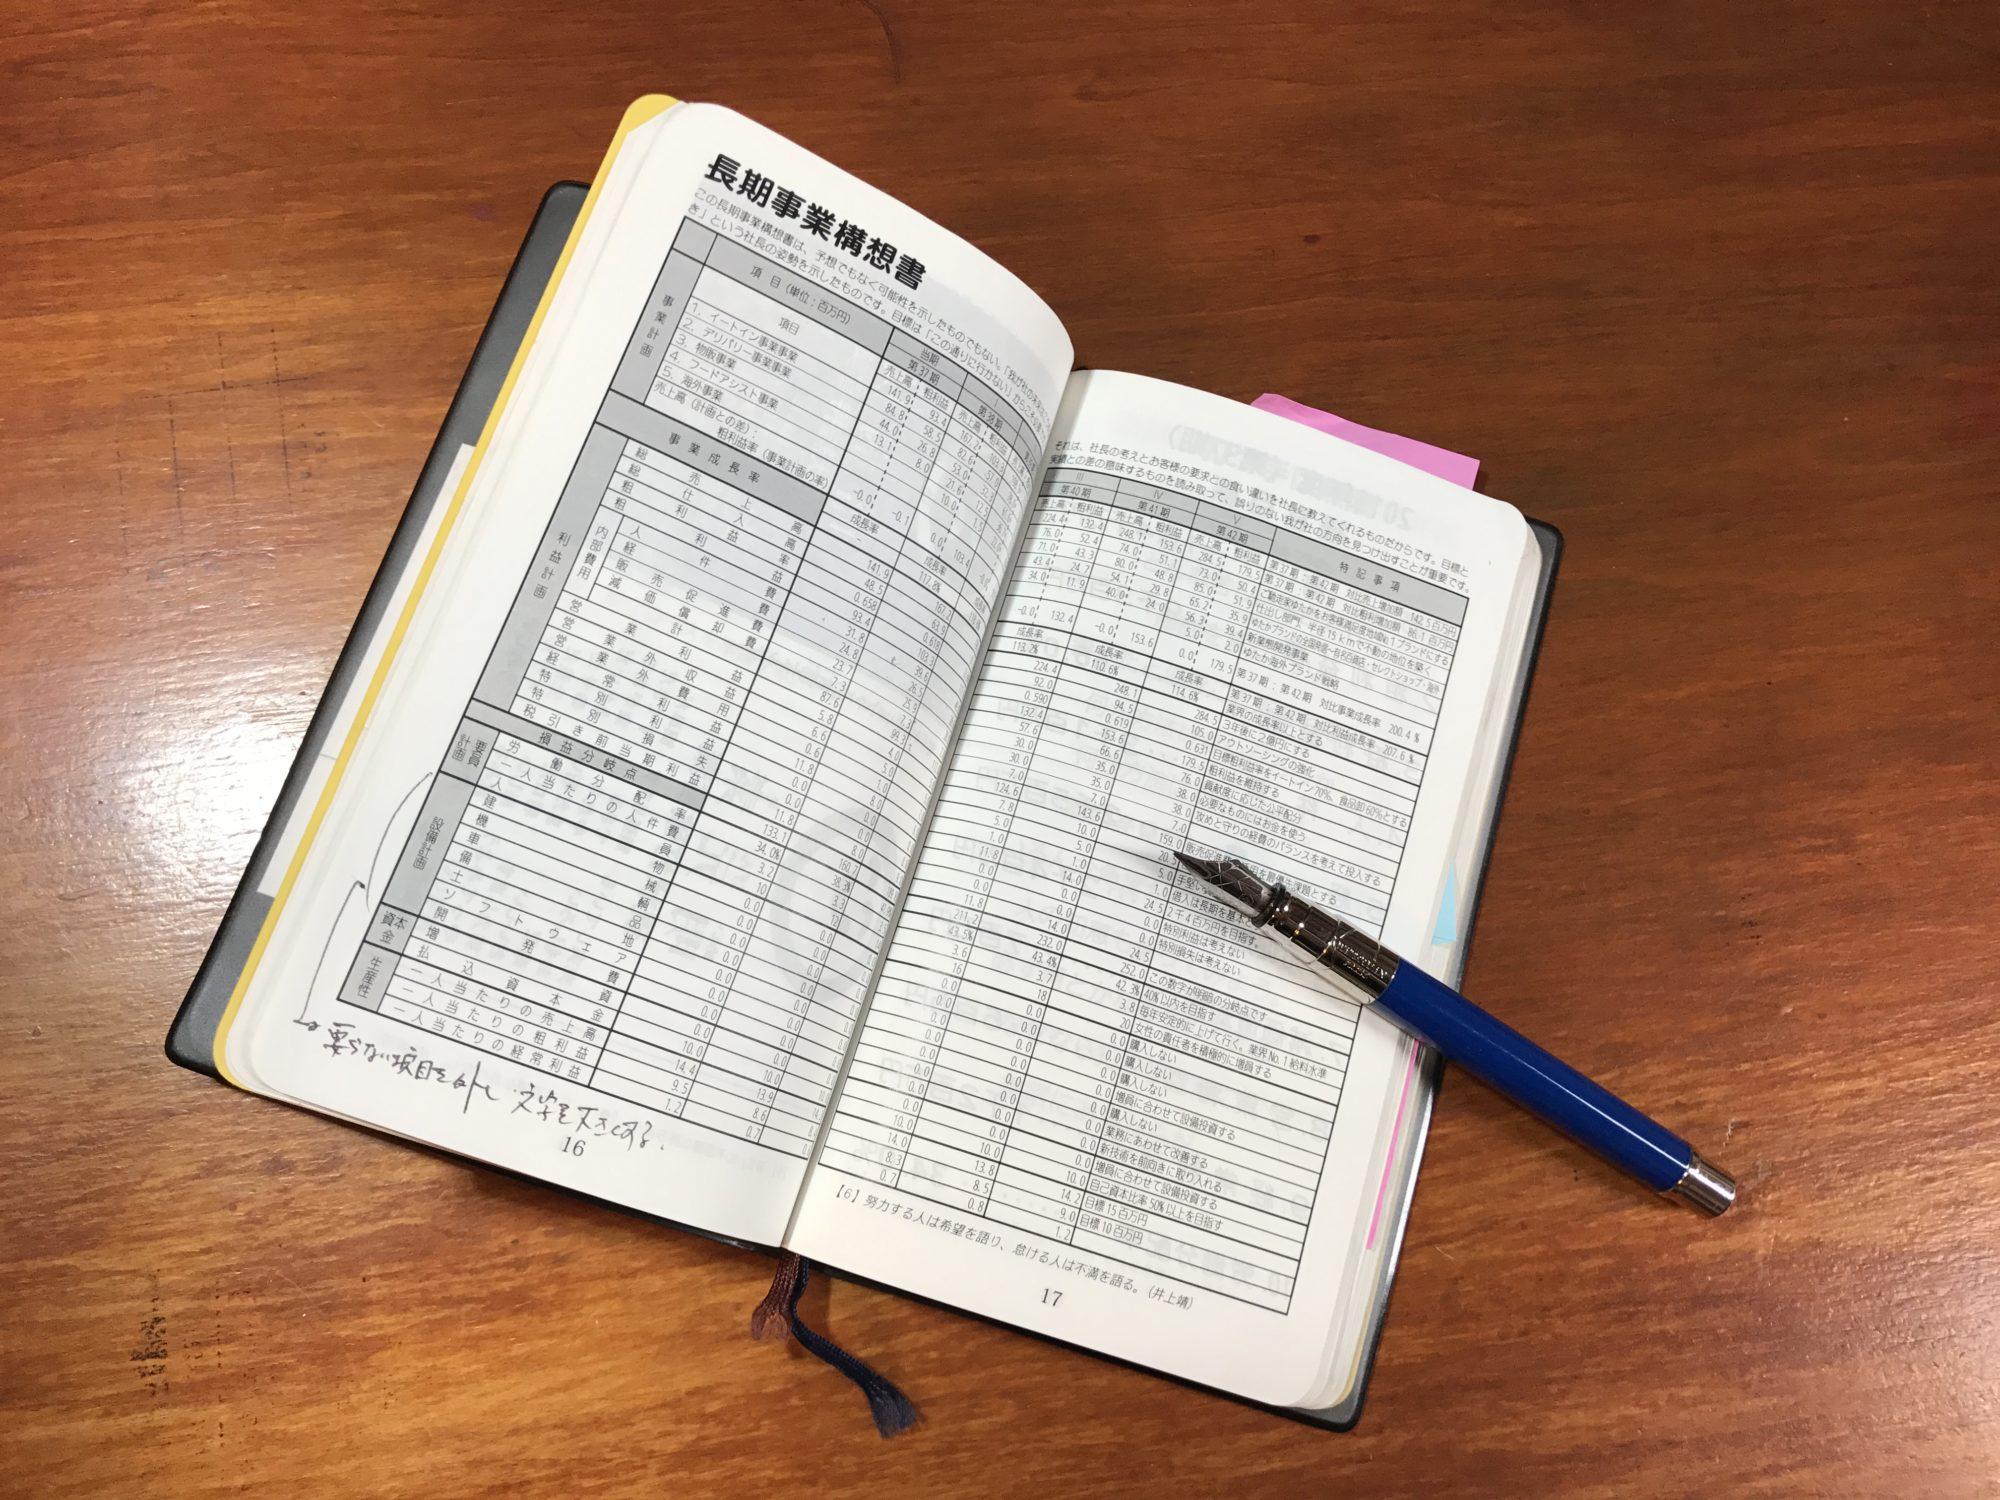 手帳長期事業構想書